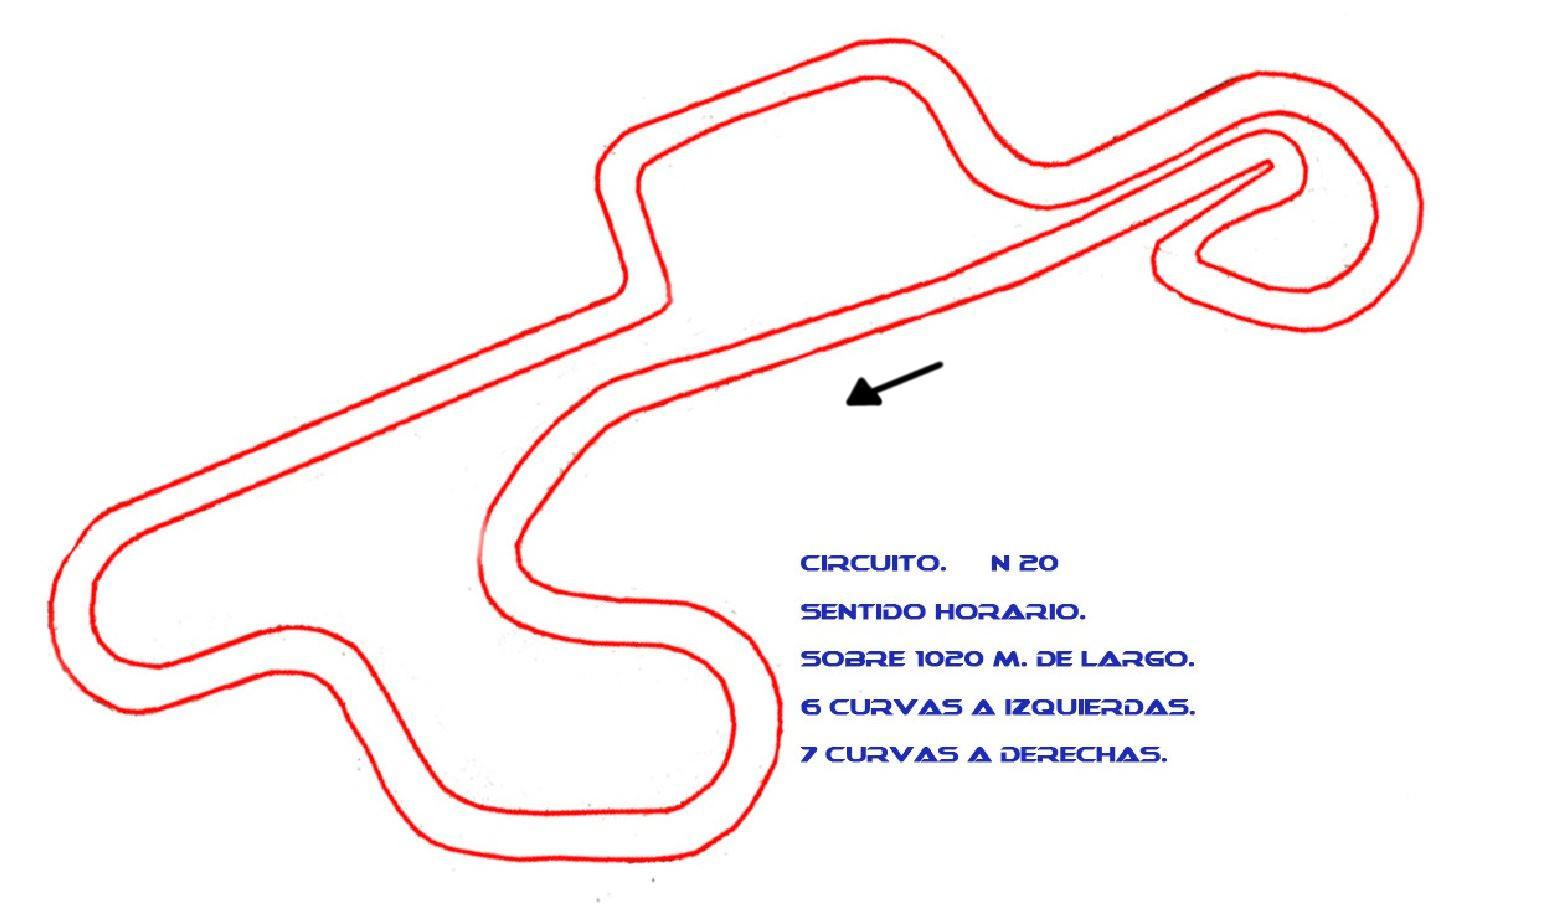 Circuito Oliva 20